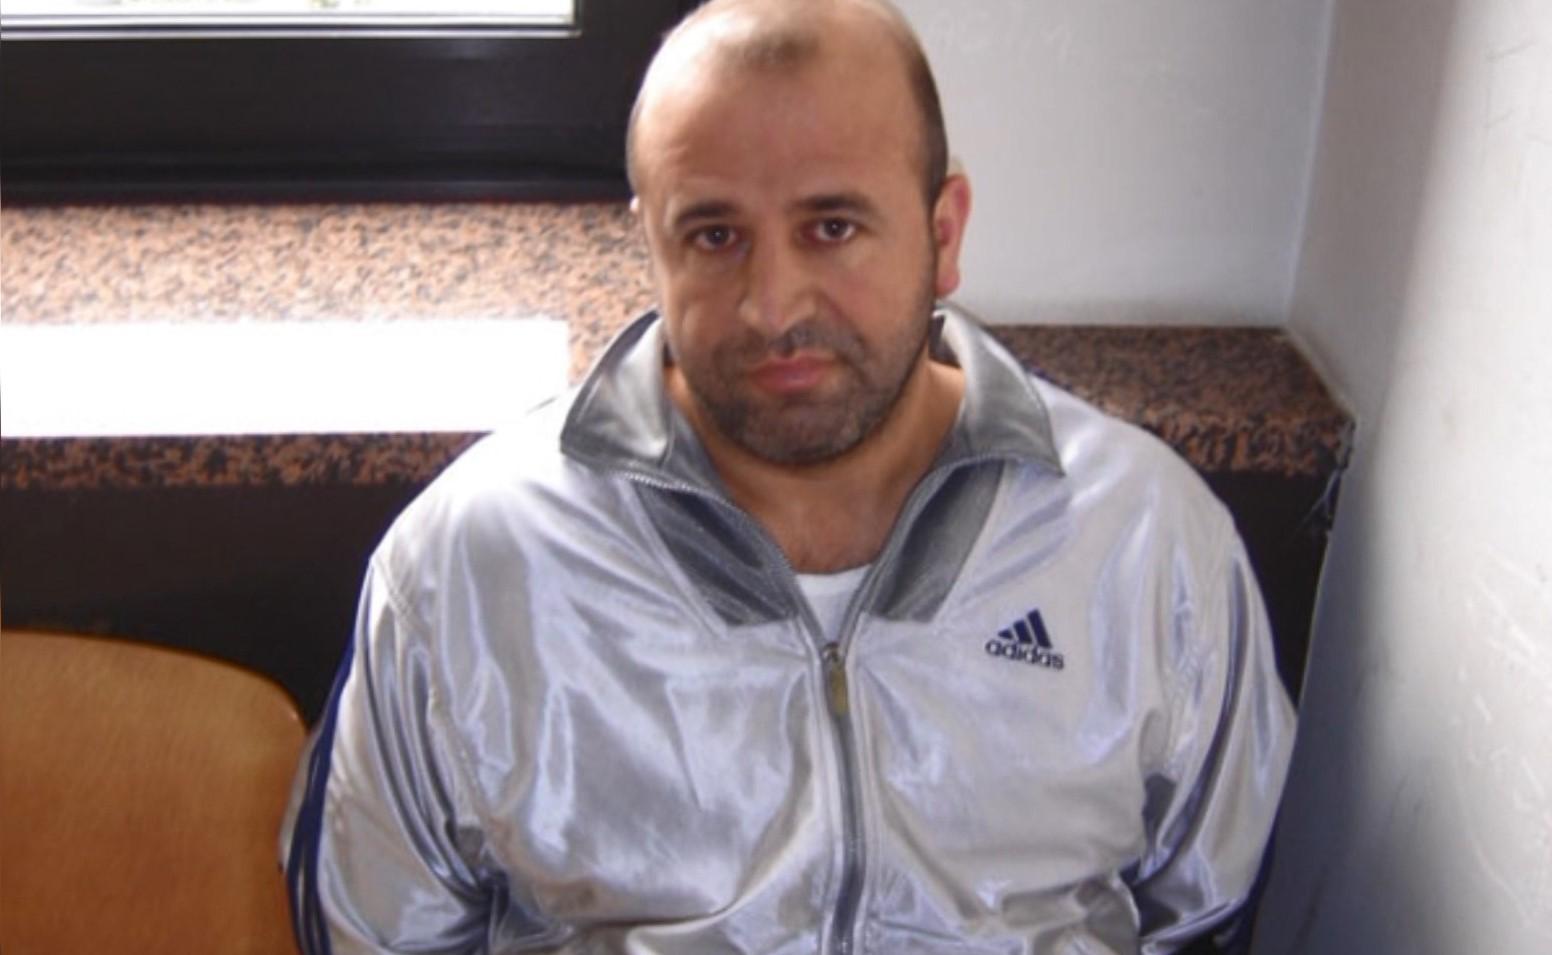 Arrestimet për laboratorin e Hasit dhe roli i Lulzim Berishës